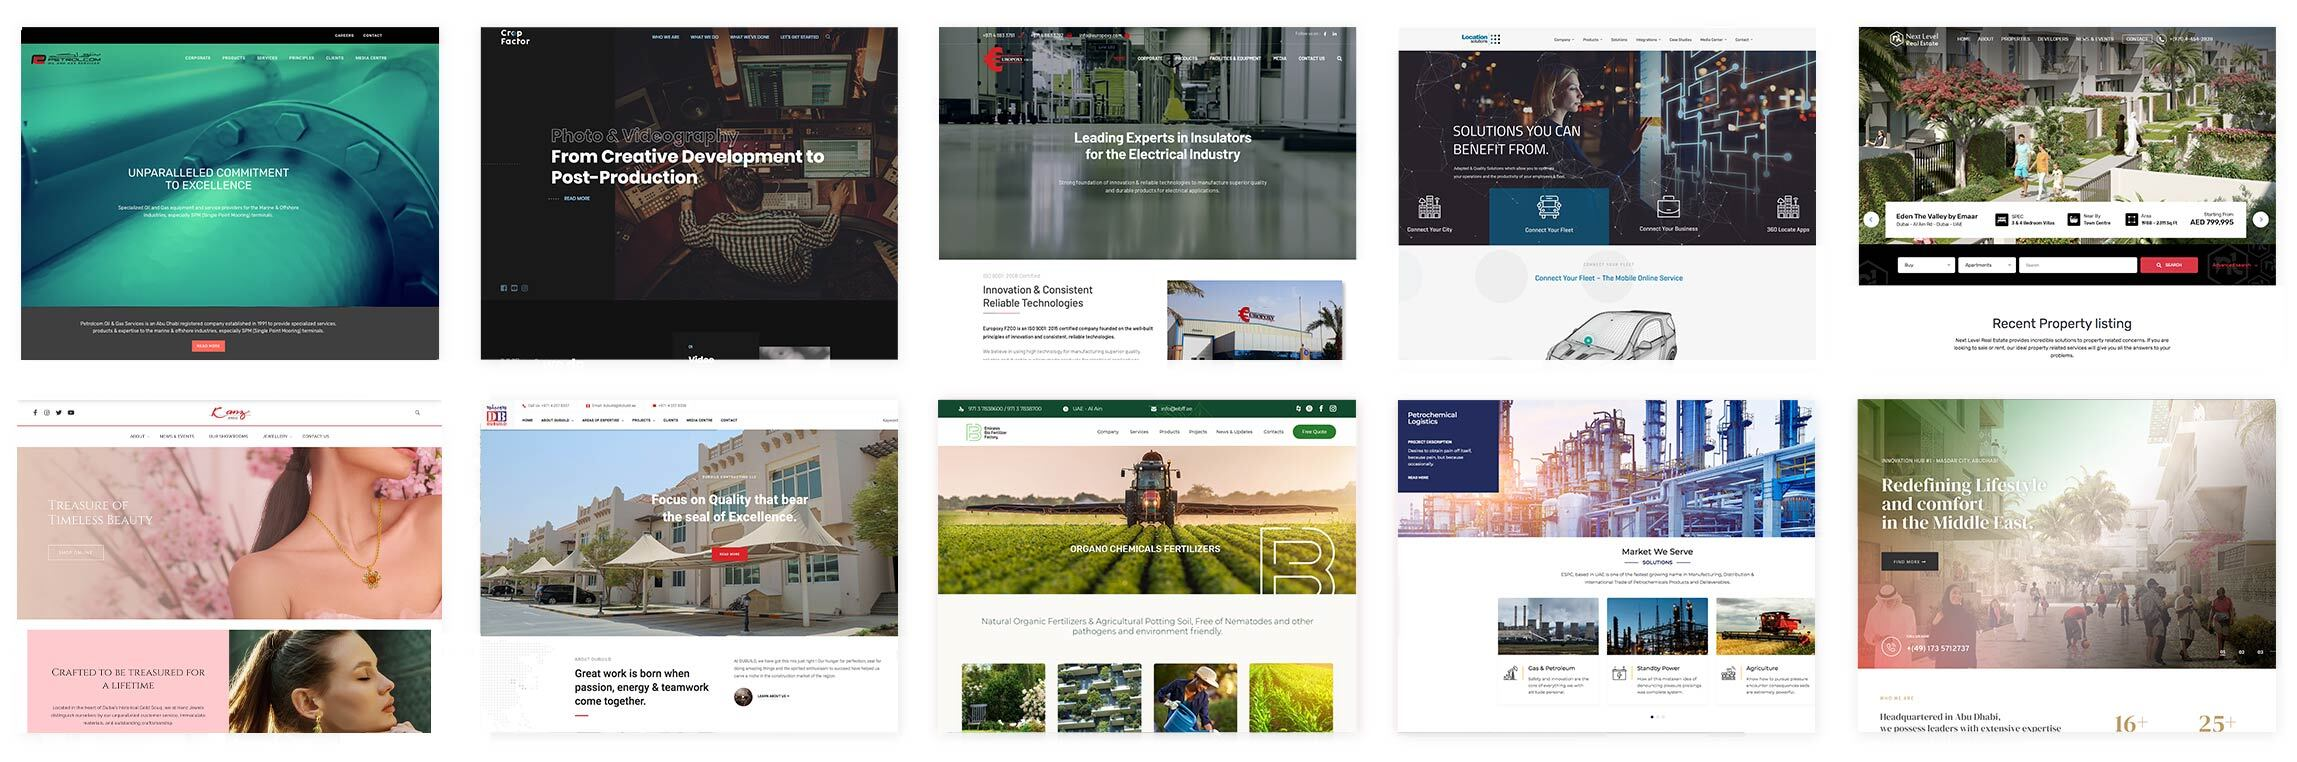 evox-website-design-development-marque